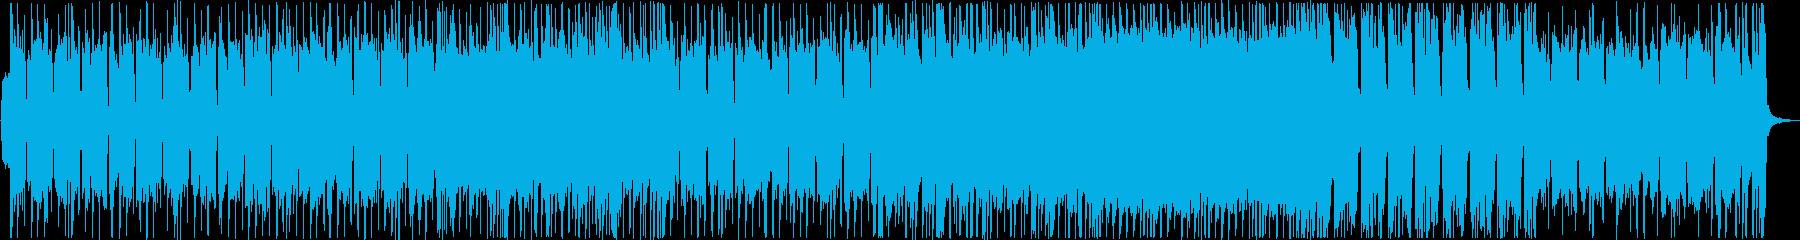 重低音が響きわたる男らしいメロディーの再生済みの波形